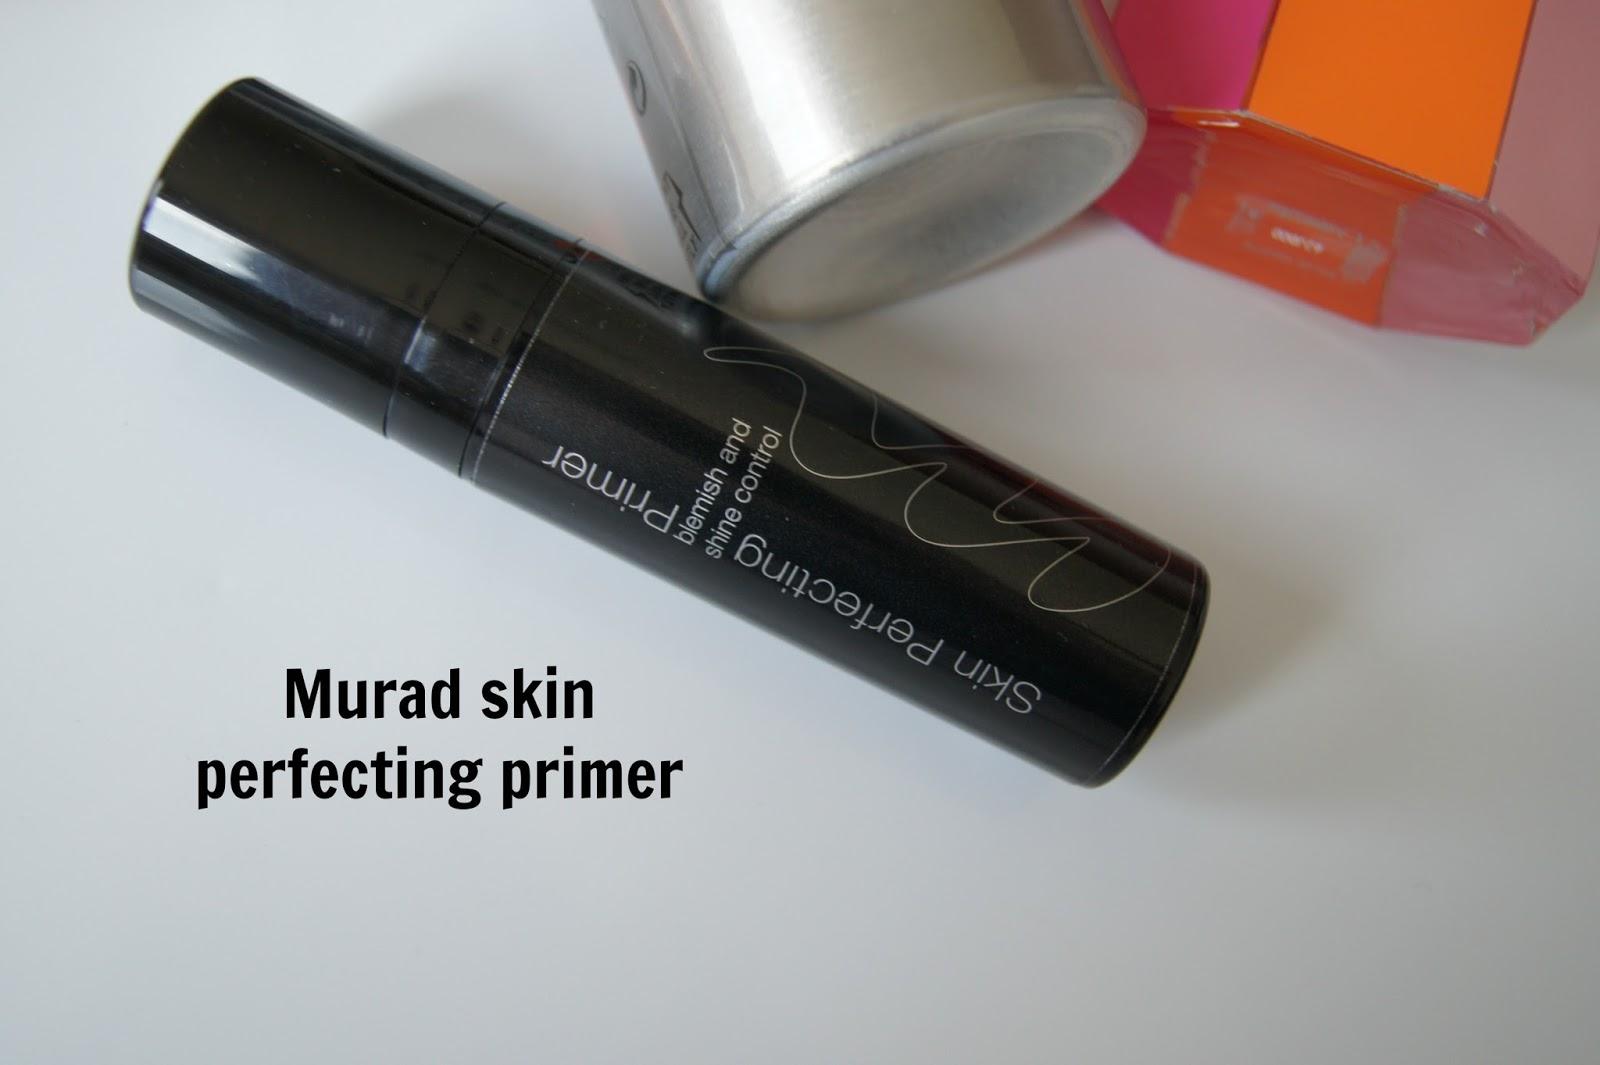 murad skin perfecting primer